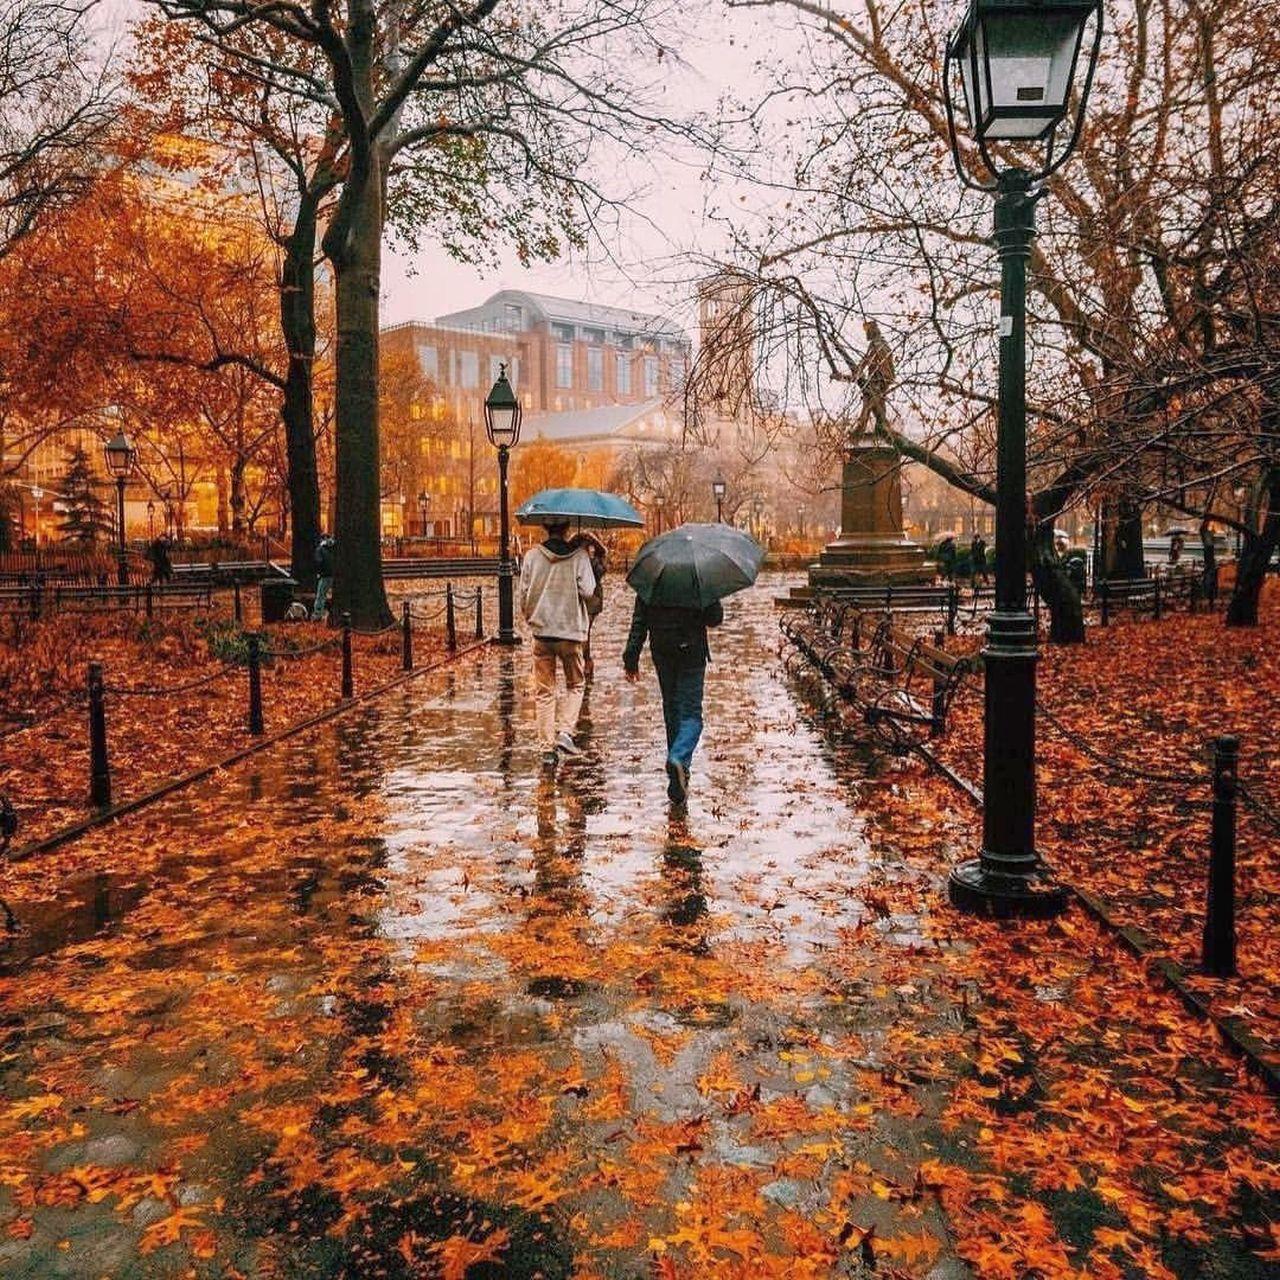 Previsioni meteo 17 novembre: ancora piogge, ma poi migliora